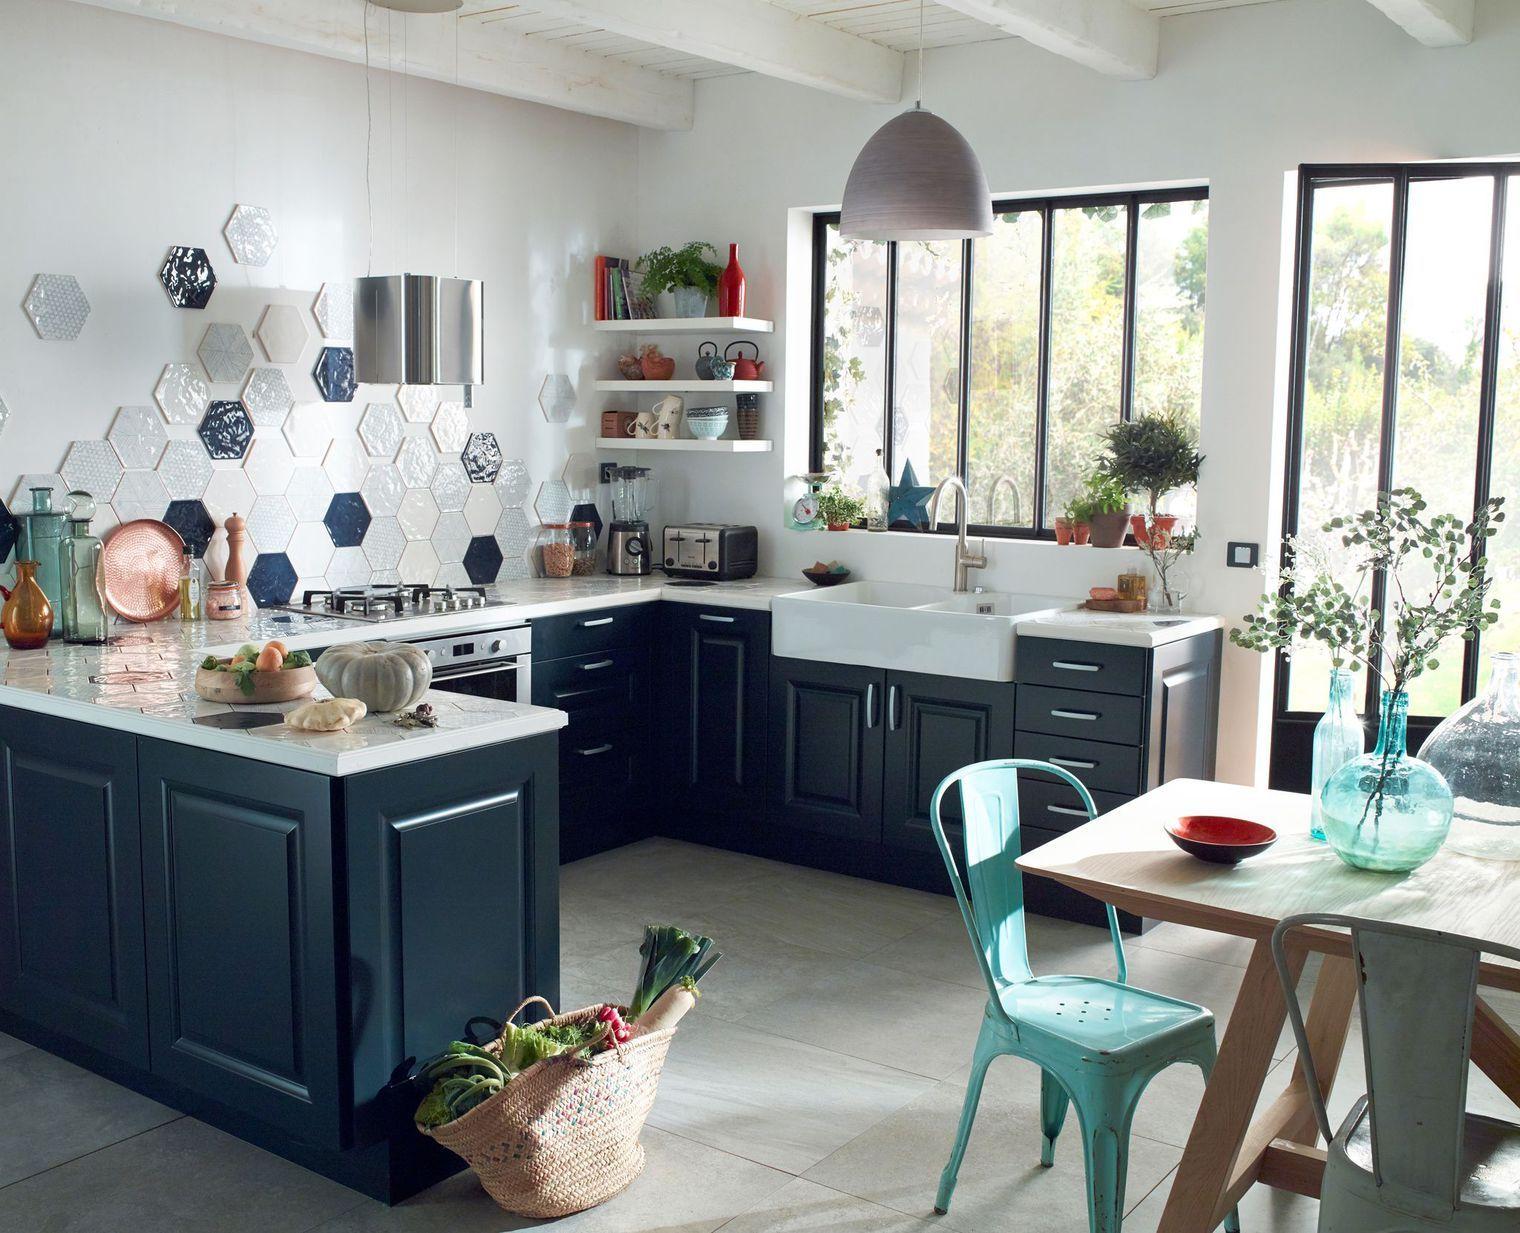 Cuisine castorama pas cher nouveaux meubles et carrelages tendance deco meuble cuisine - Meuble de cuisine castorama ...